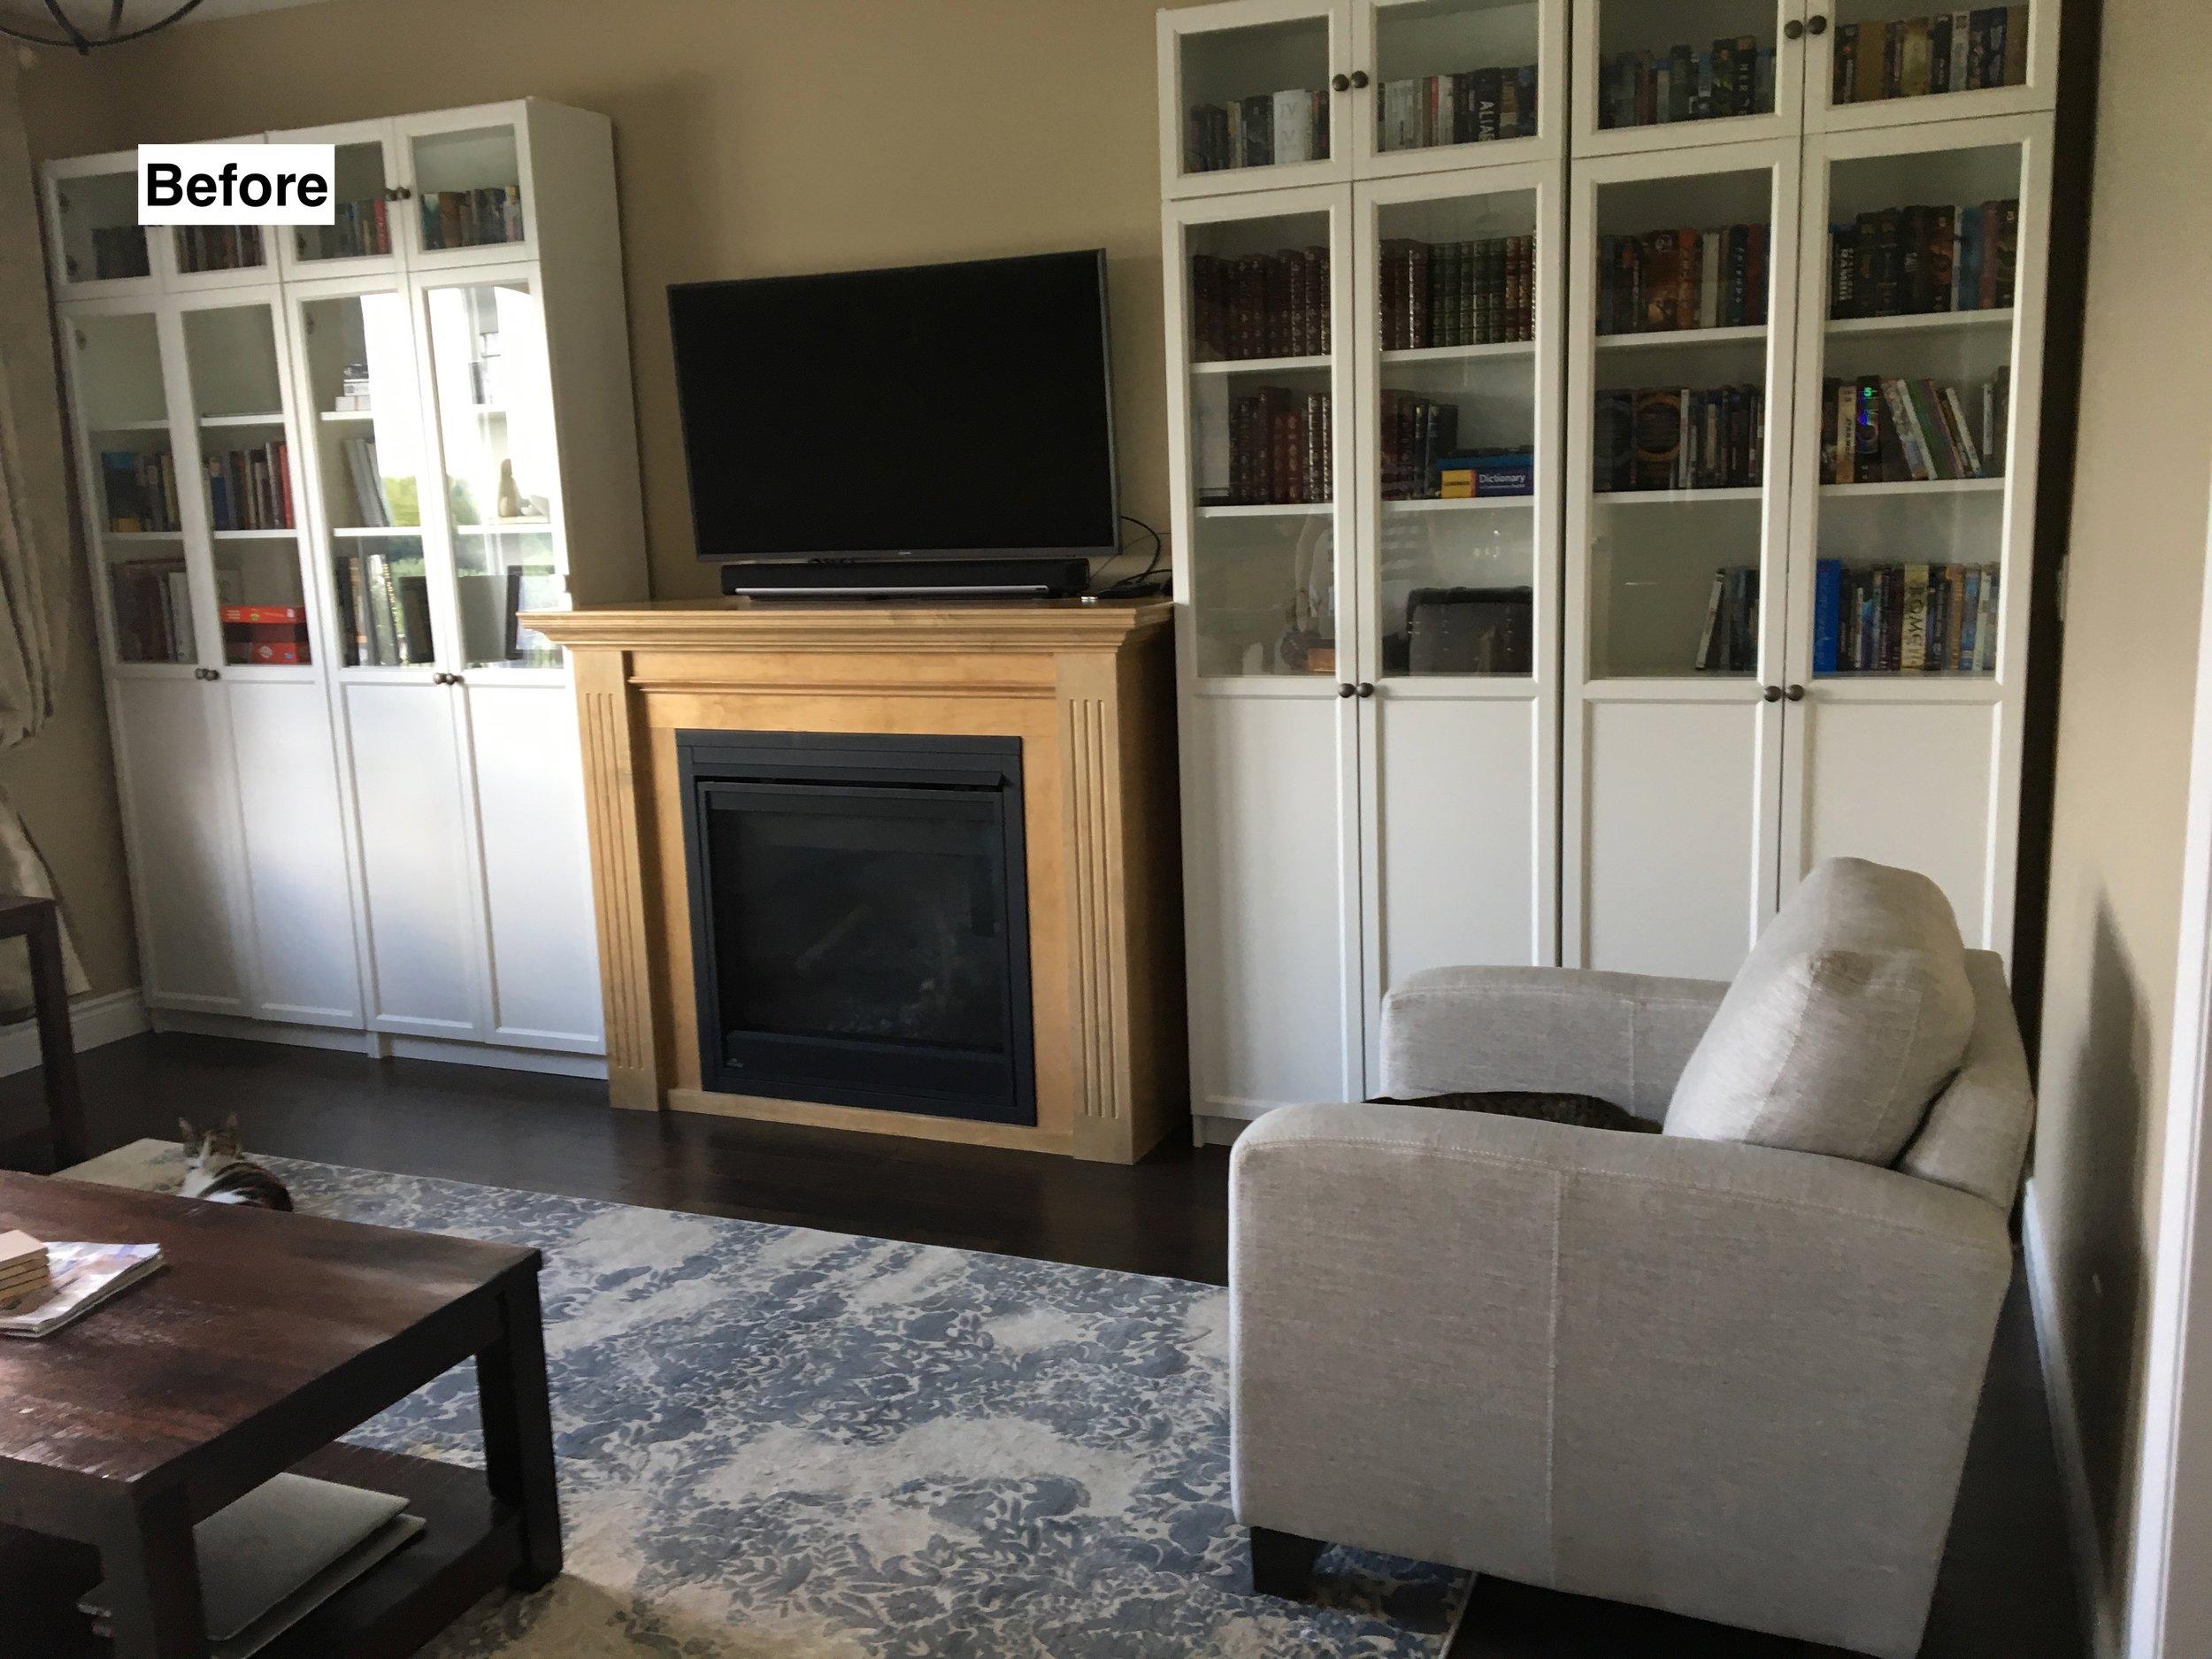 TW living room before.jpg